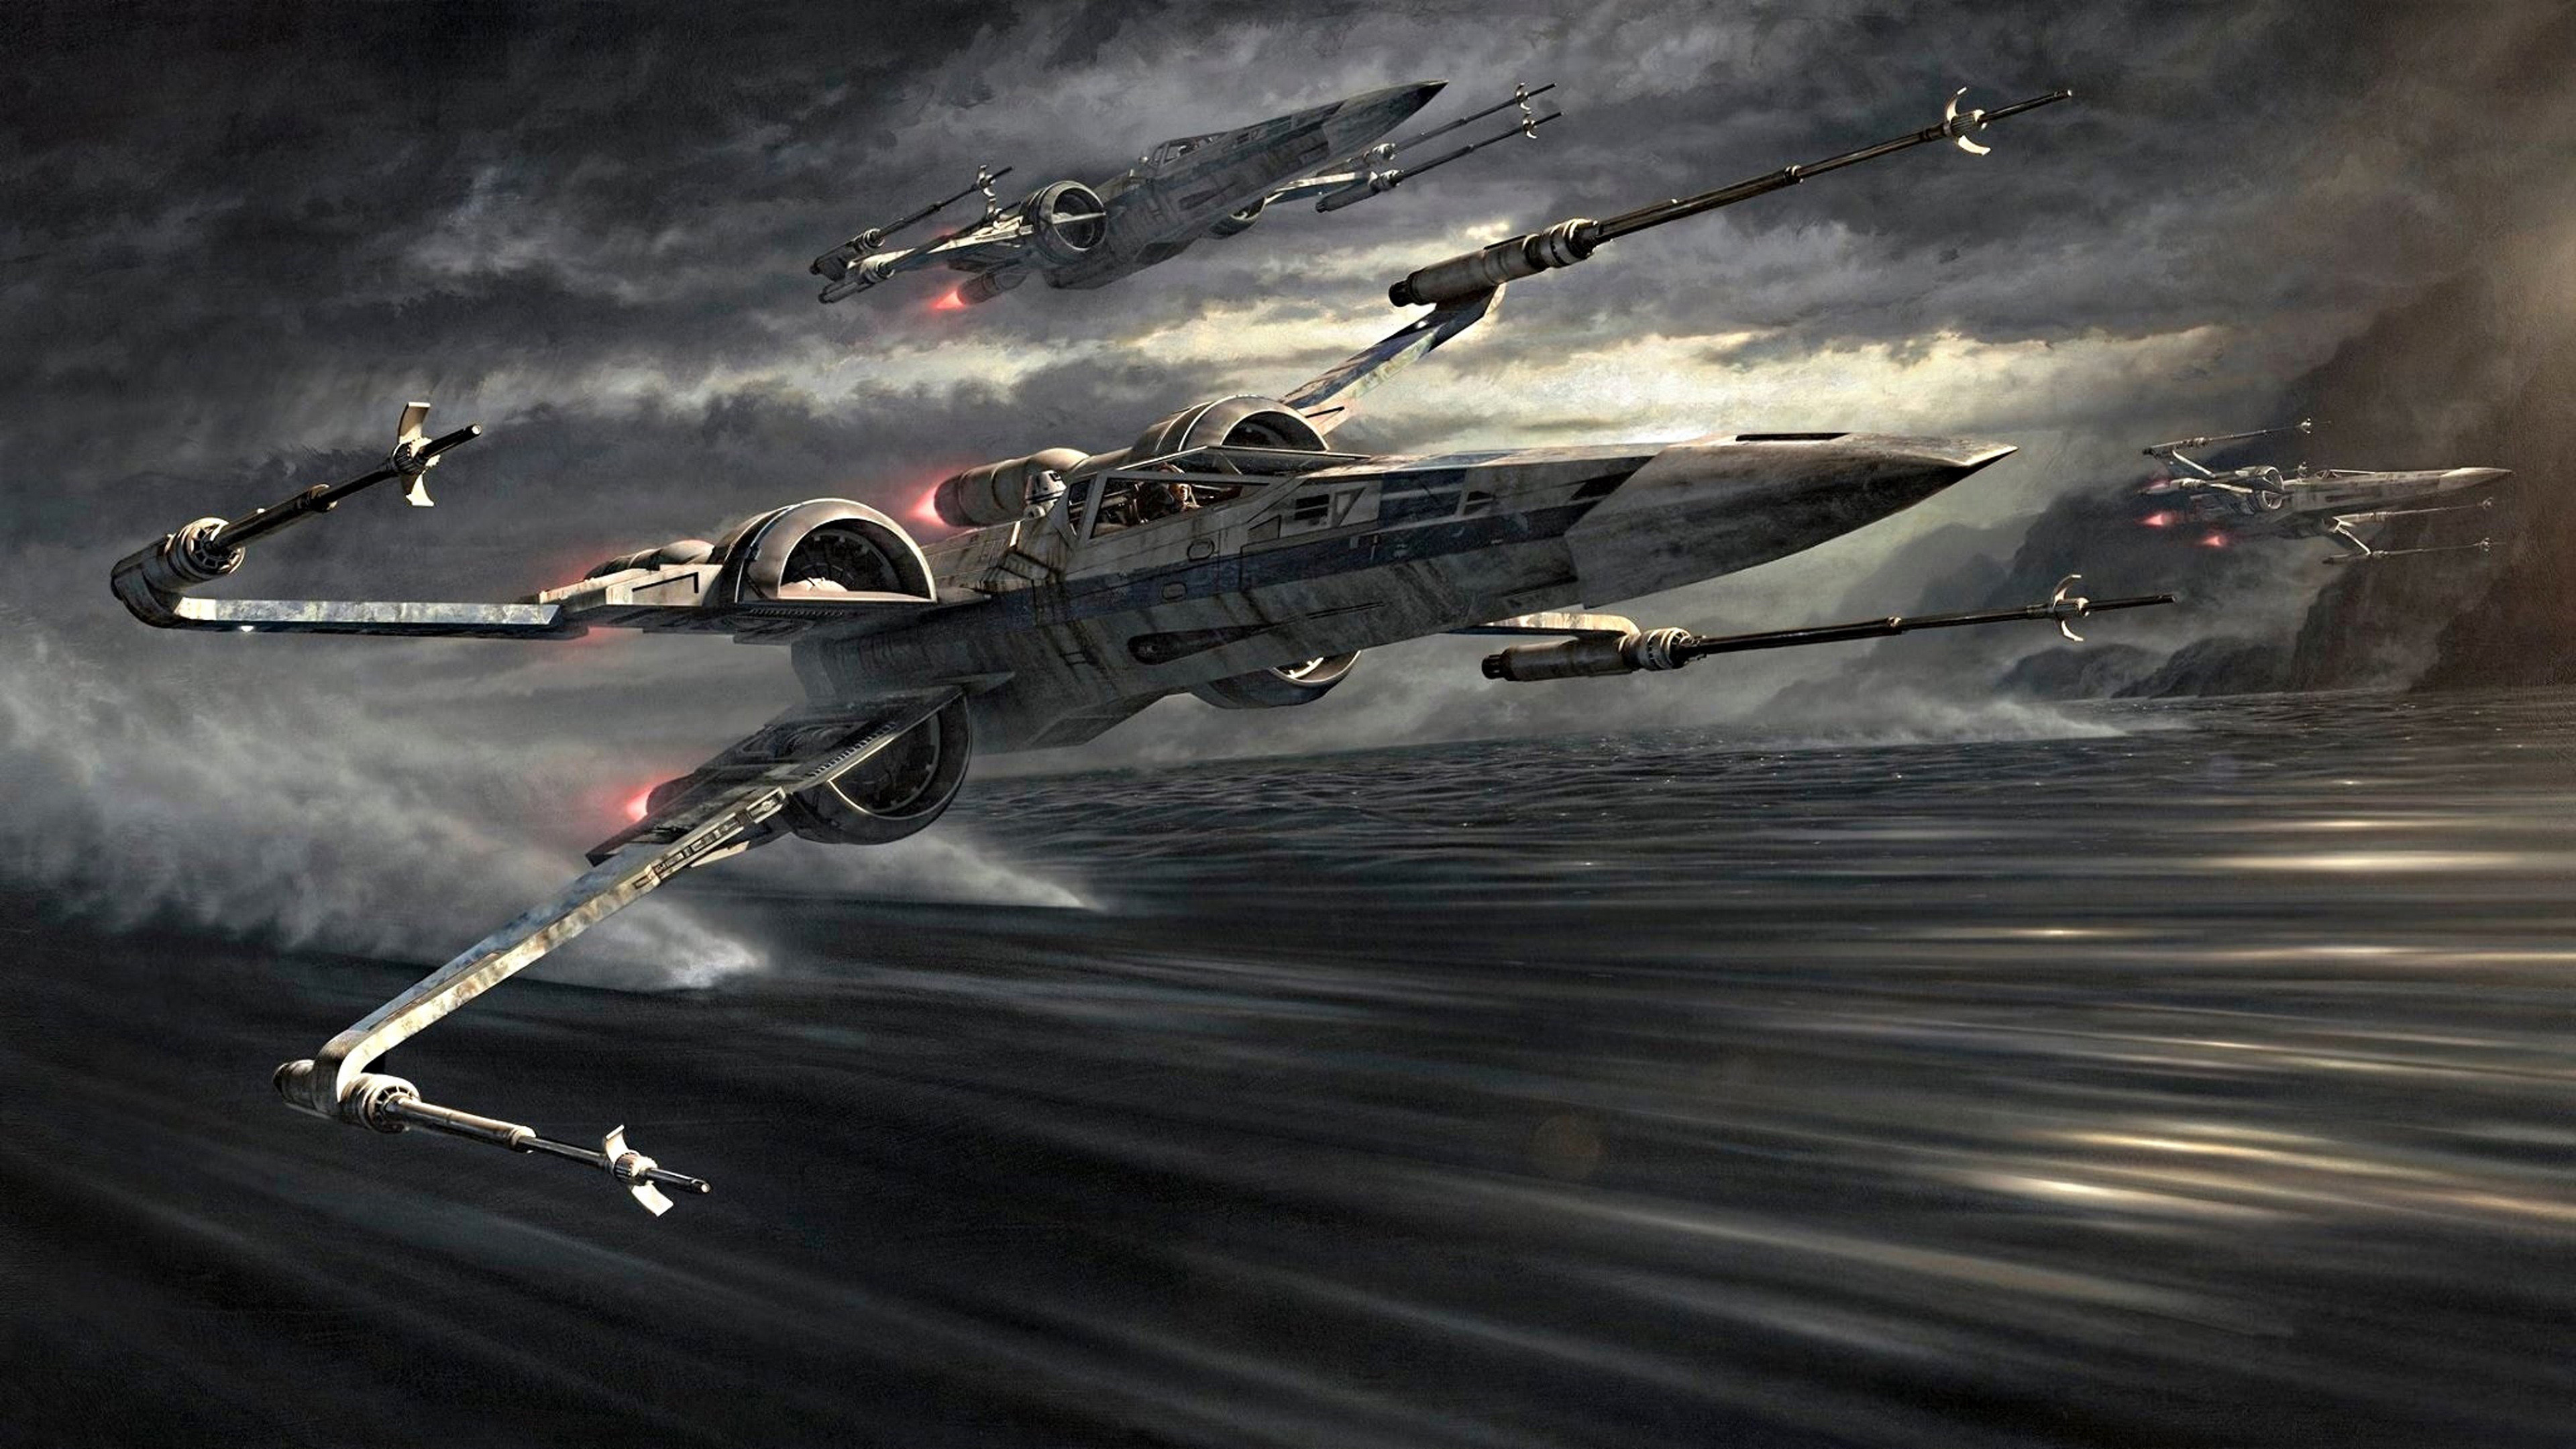 Download Original Resolution Data Src Star Wars Wallpaper Star Wars Hd 3840x2160 Wallpaper Teahub Io